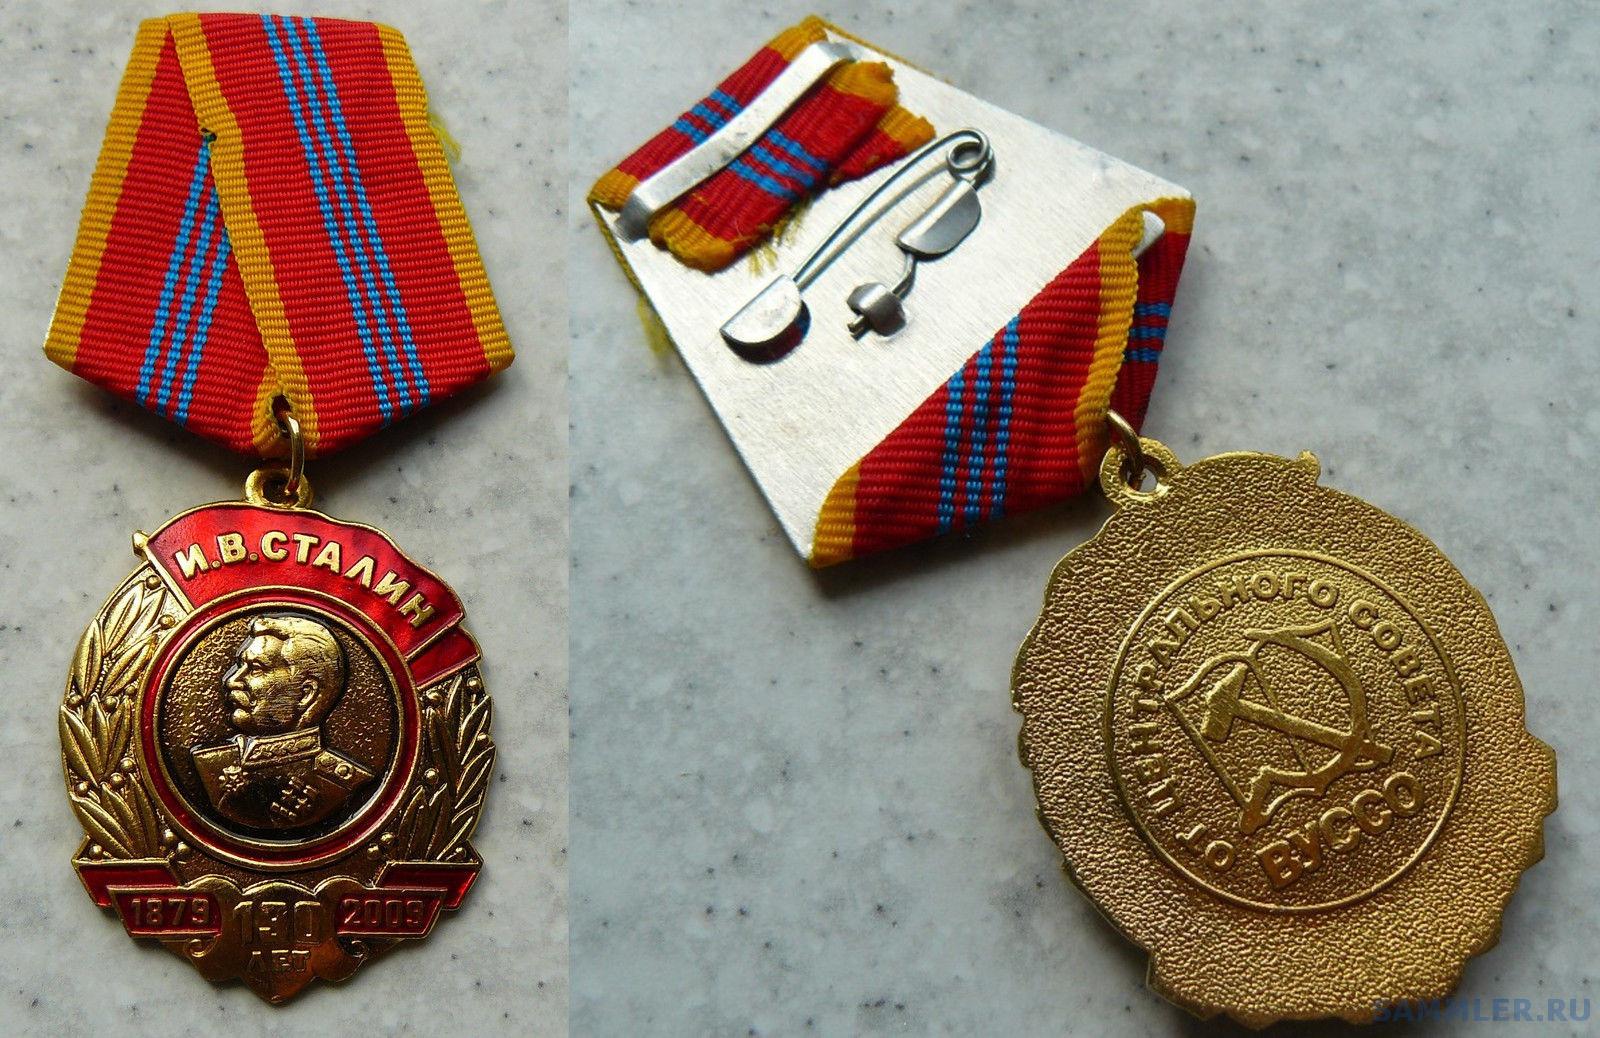 яя-сталин (2).JPG